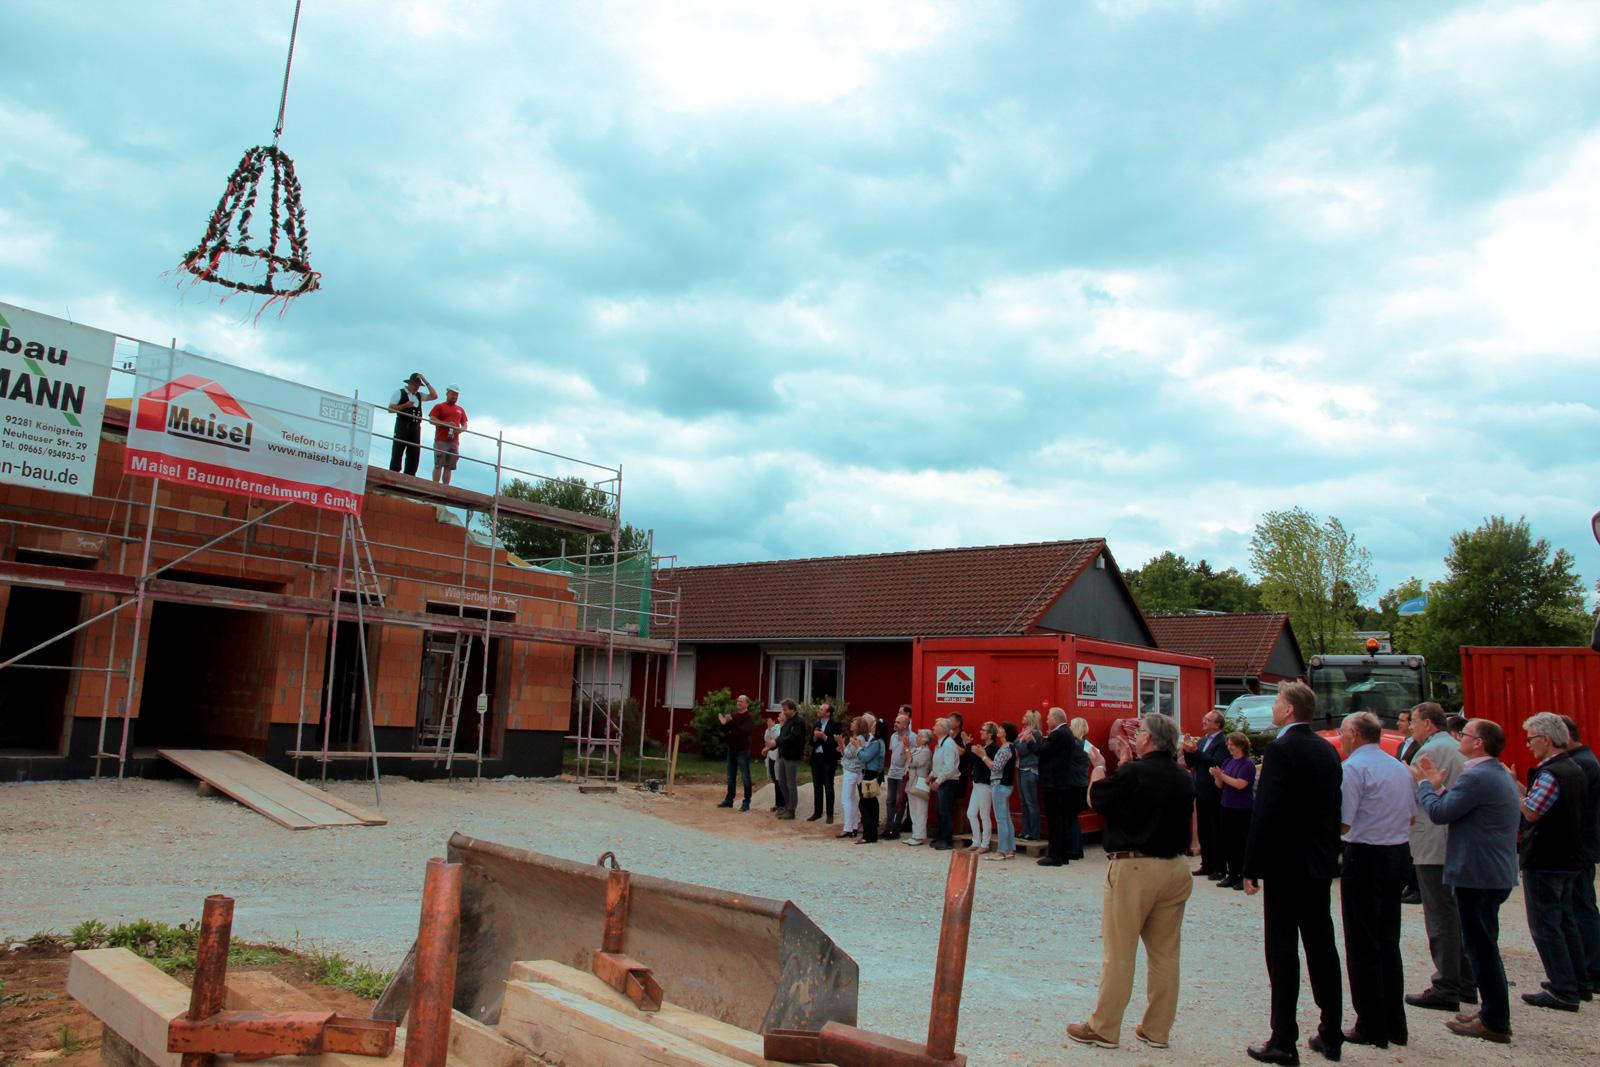 Mehr Platz für Mitarbeiter und Akten: Jetzt wurde Richtfest für den Erweiterungsbau der Hauptverwaltung in Schönberg gefeiert.